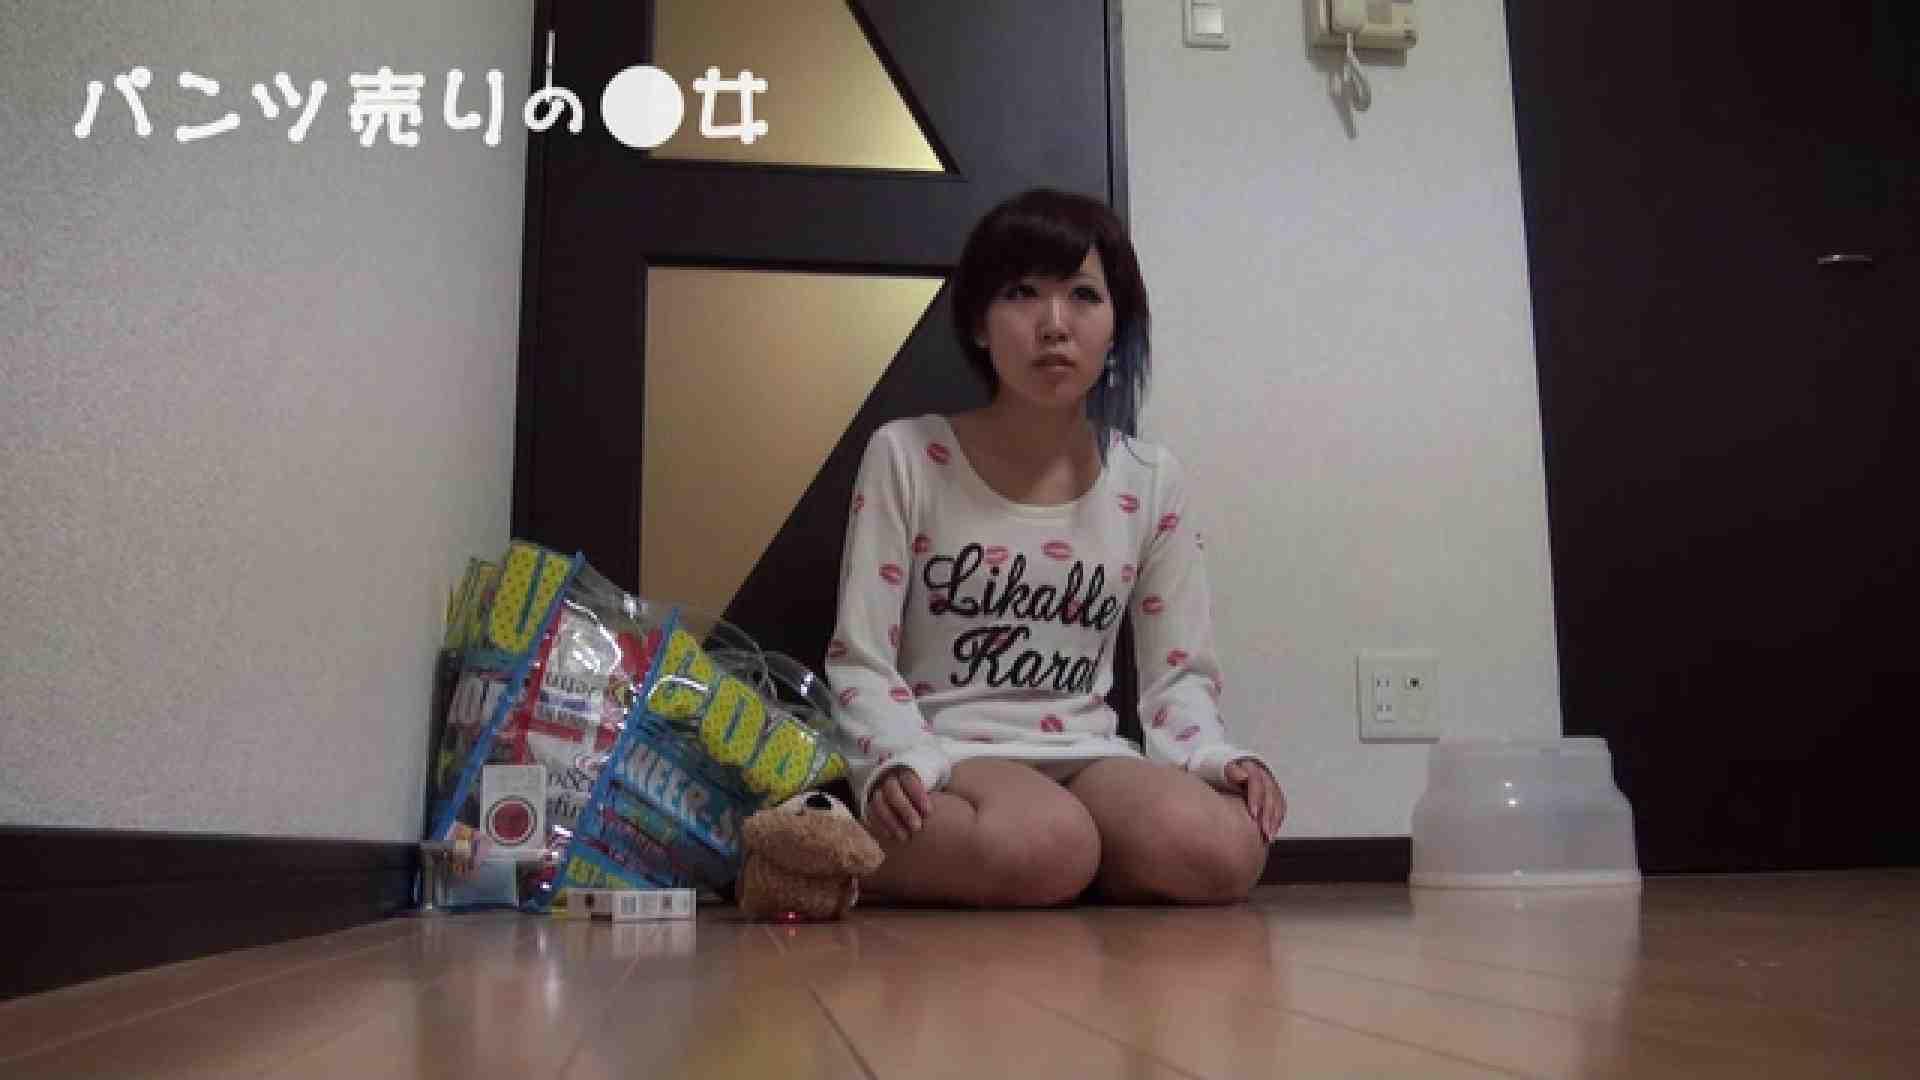 新説 パンツ売りの女の子nana 一般投稿  41連発 1